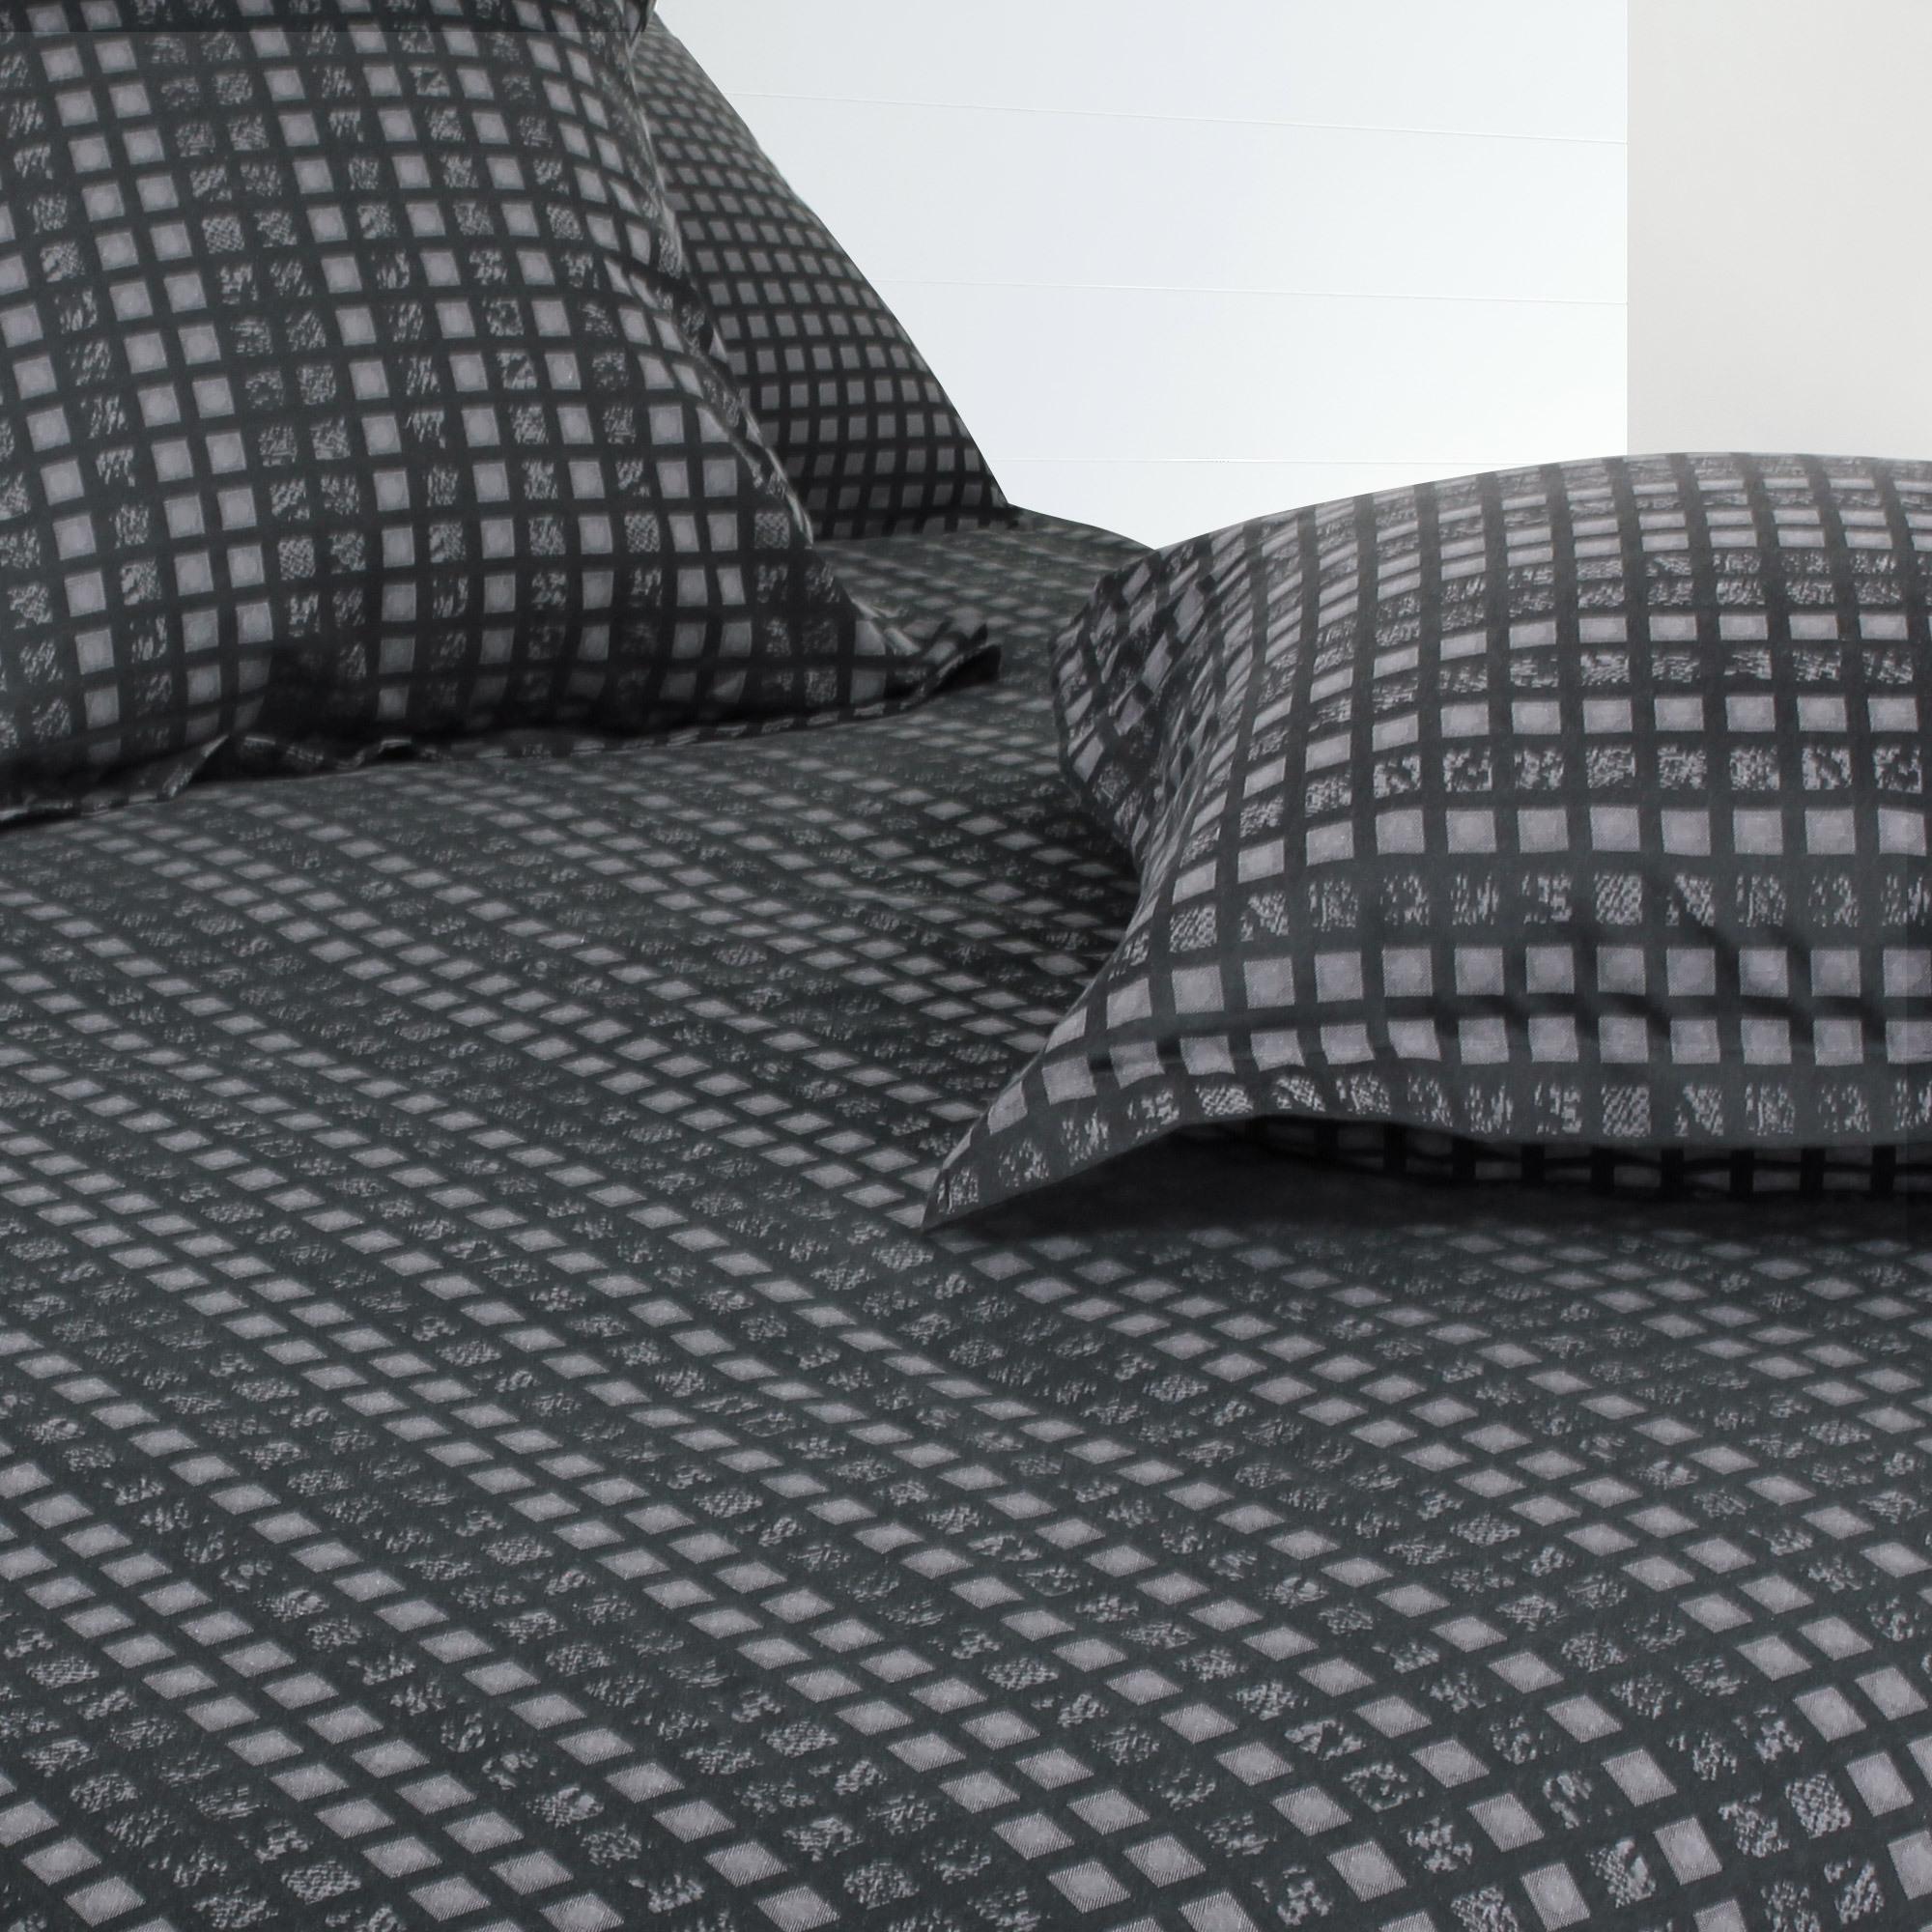 housse de couette satin de coton tiss teint 280x240 cm trocadero linnea vente de linge de maison. Black Bedroom Furniture Sets. Home Design Ideas